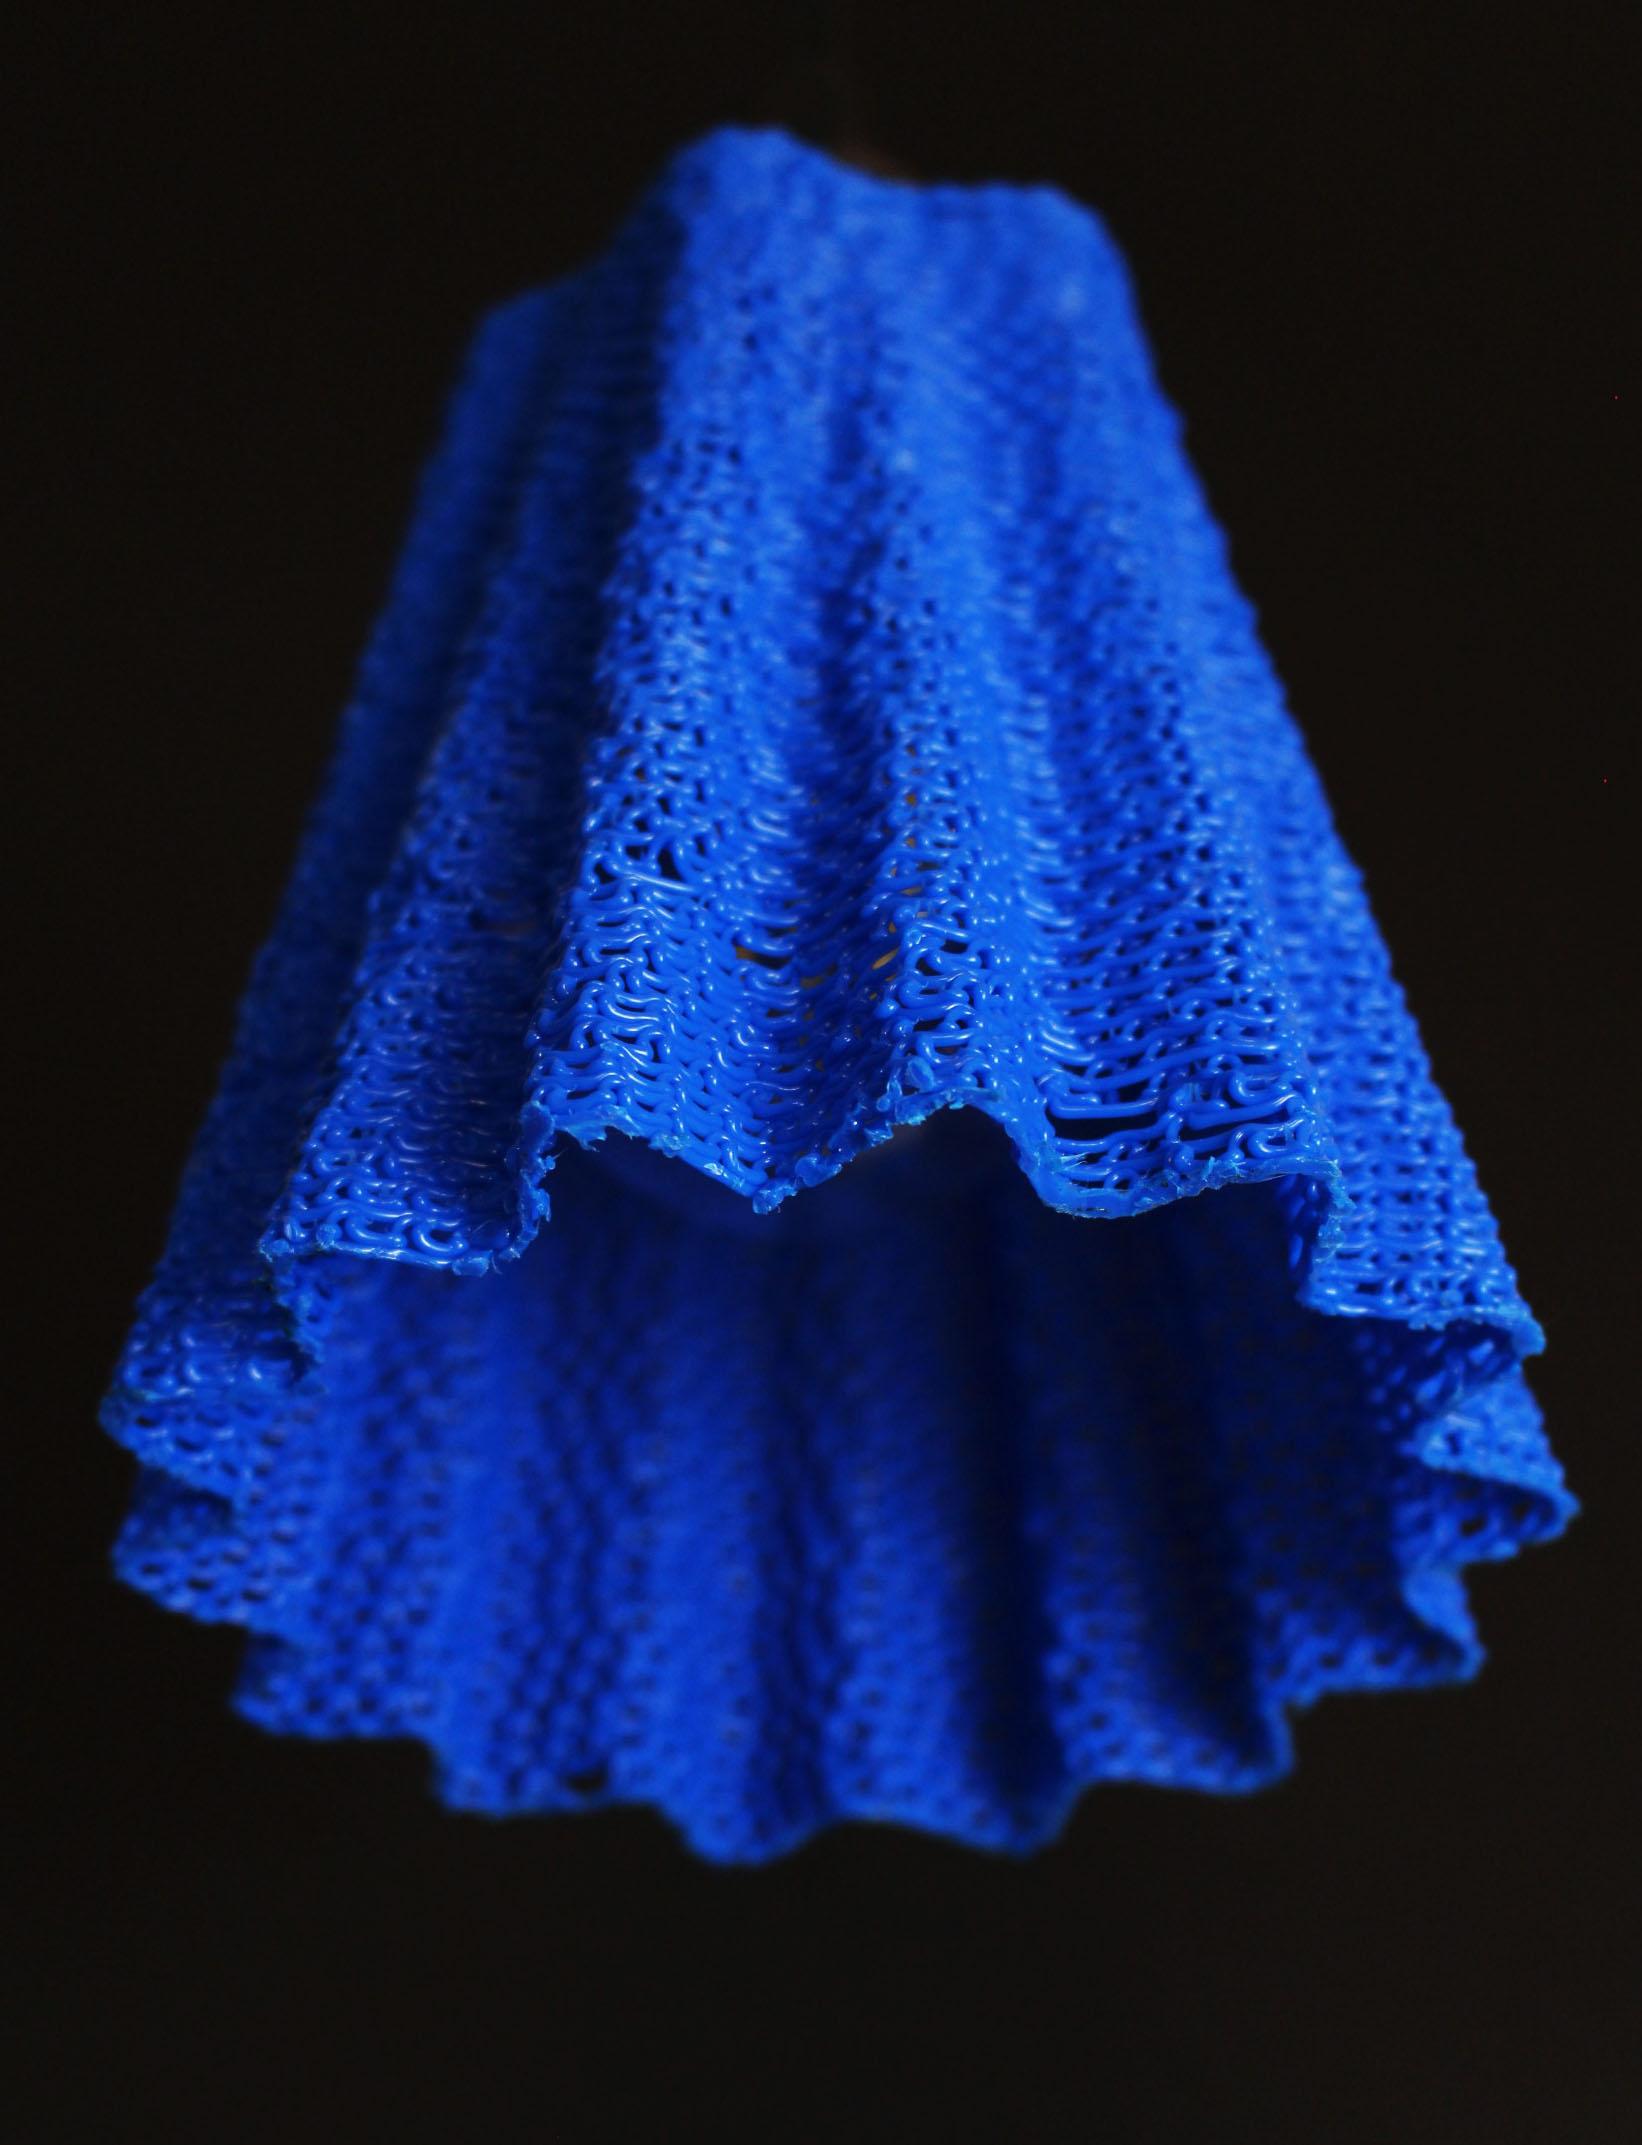 BlueBloomDark.jpg